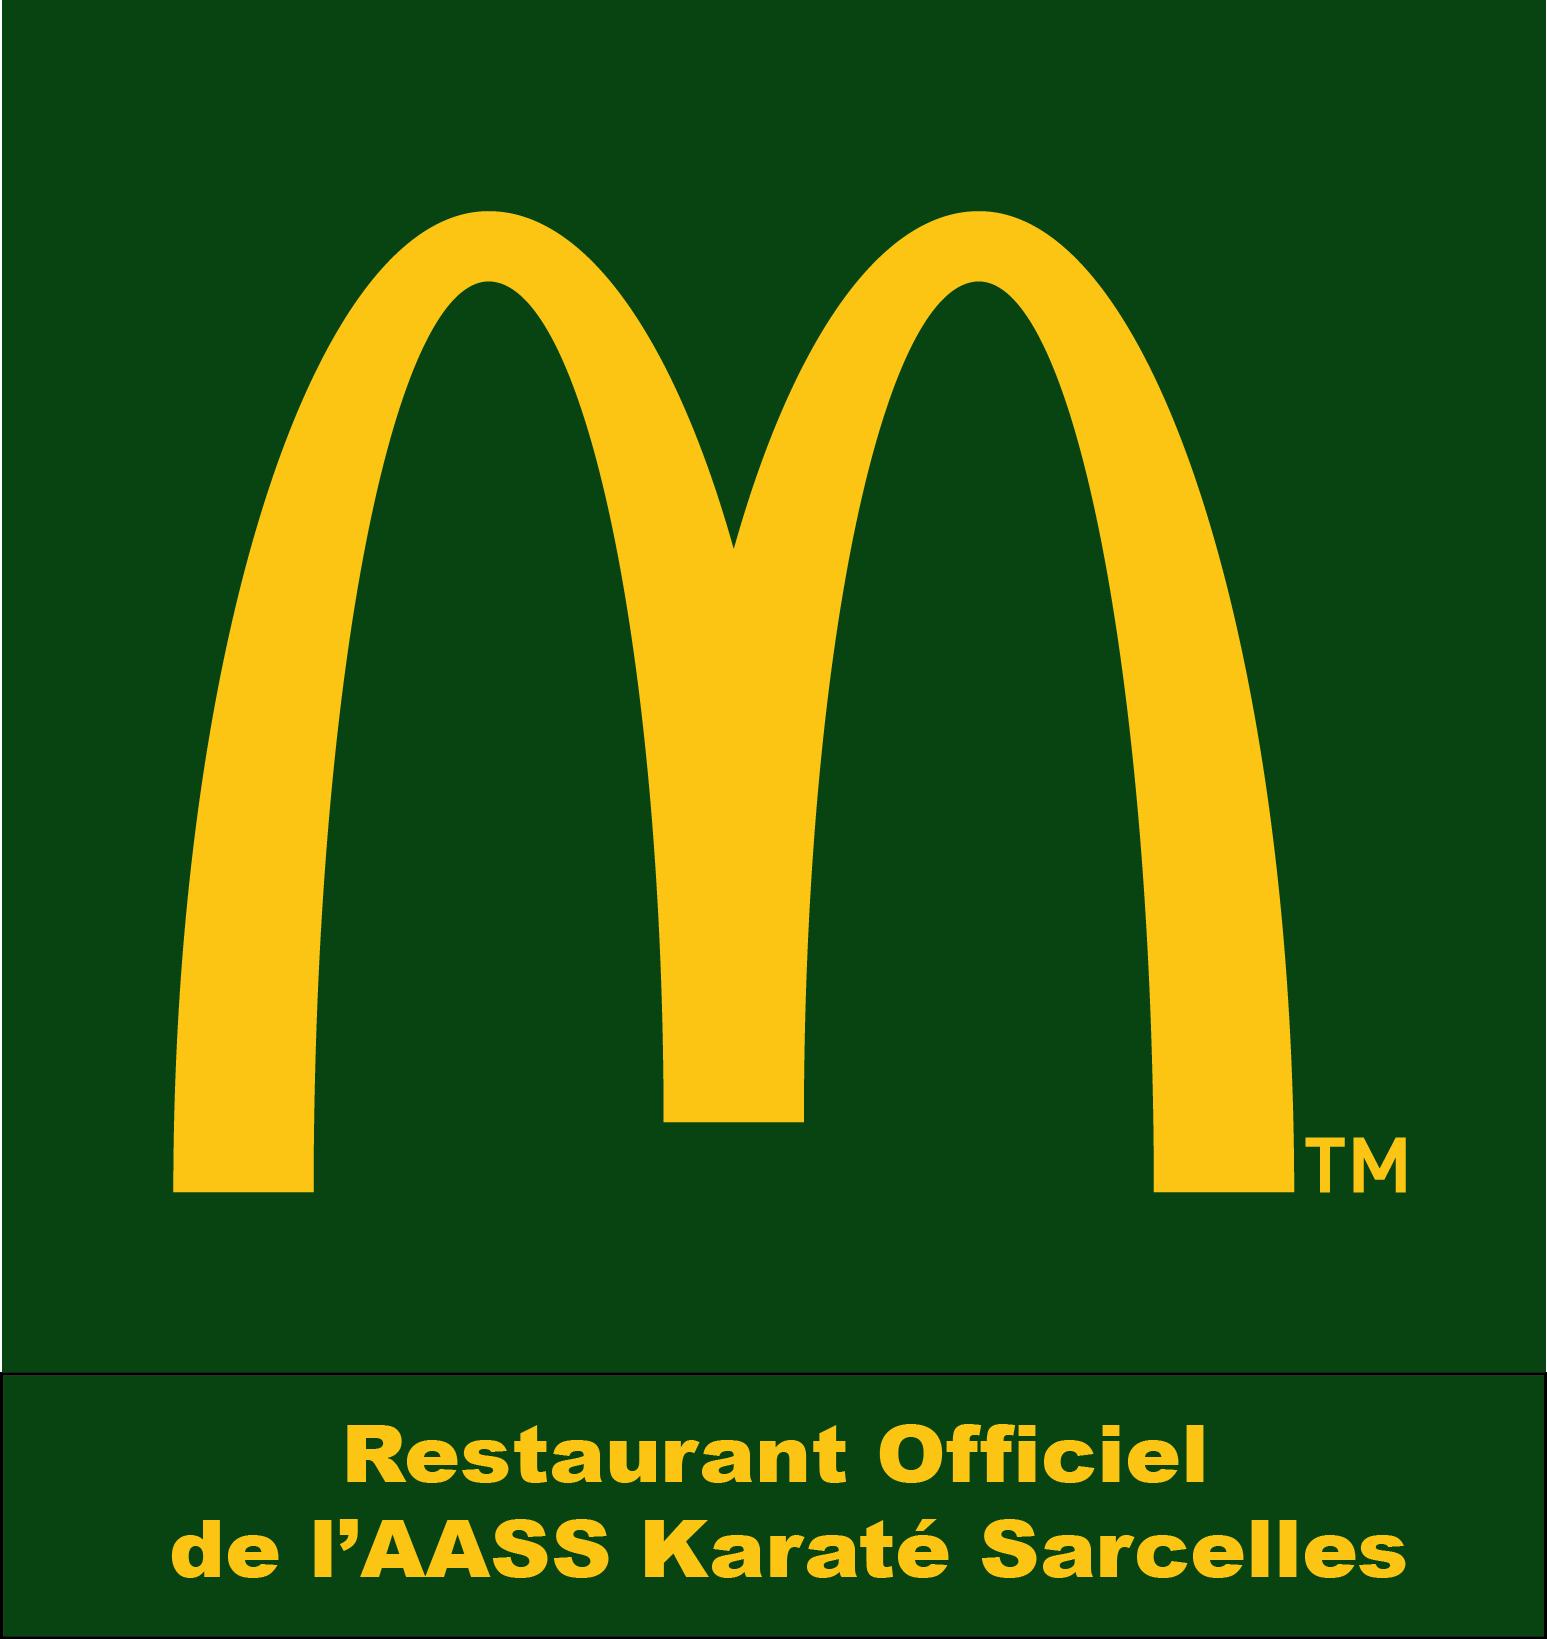 Logo mcdo hd 2